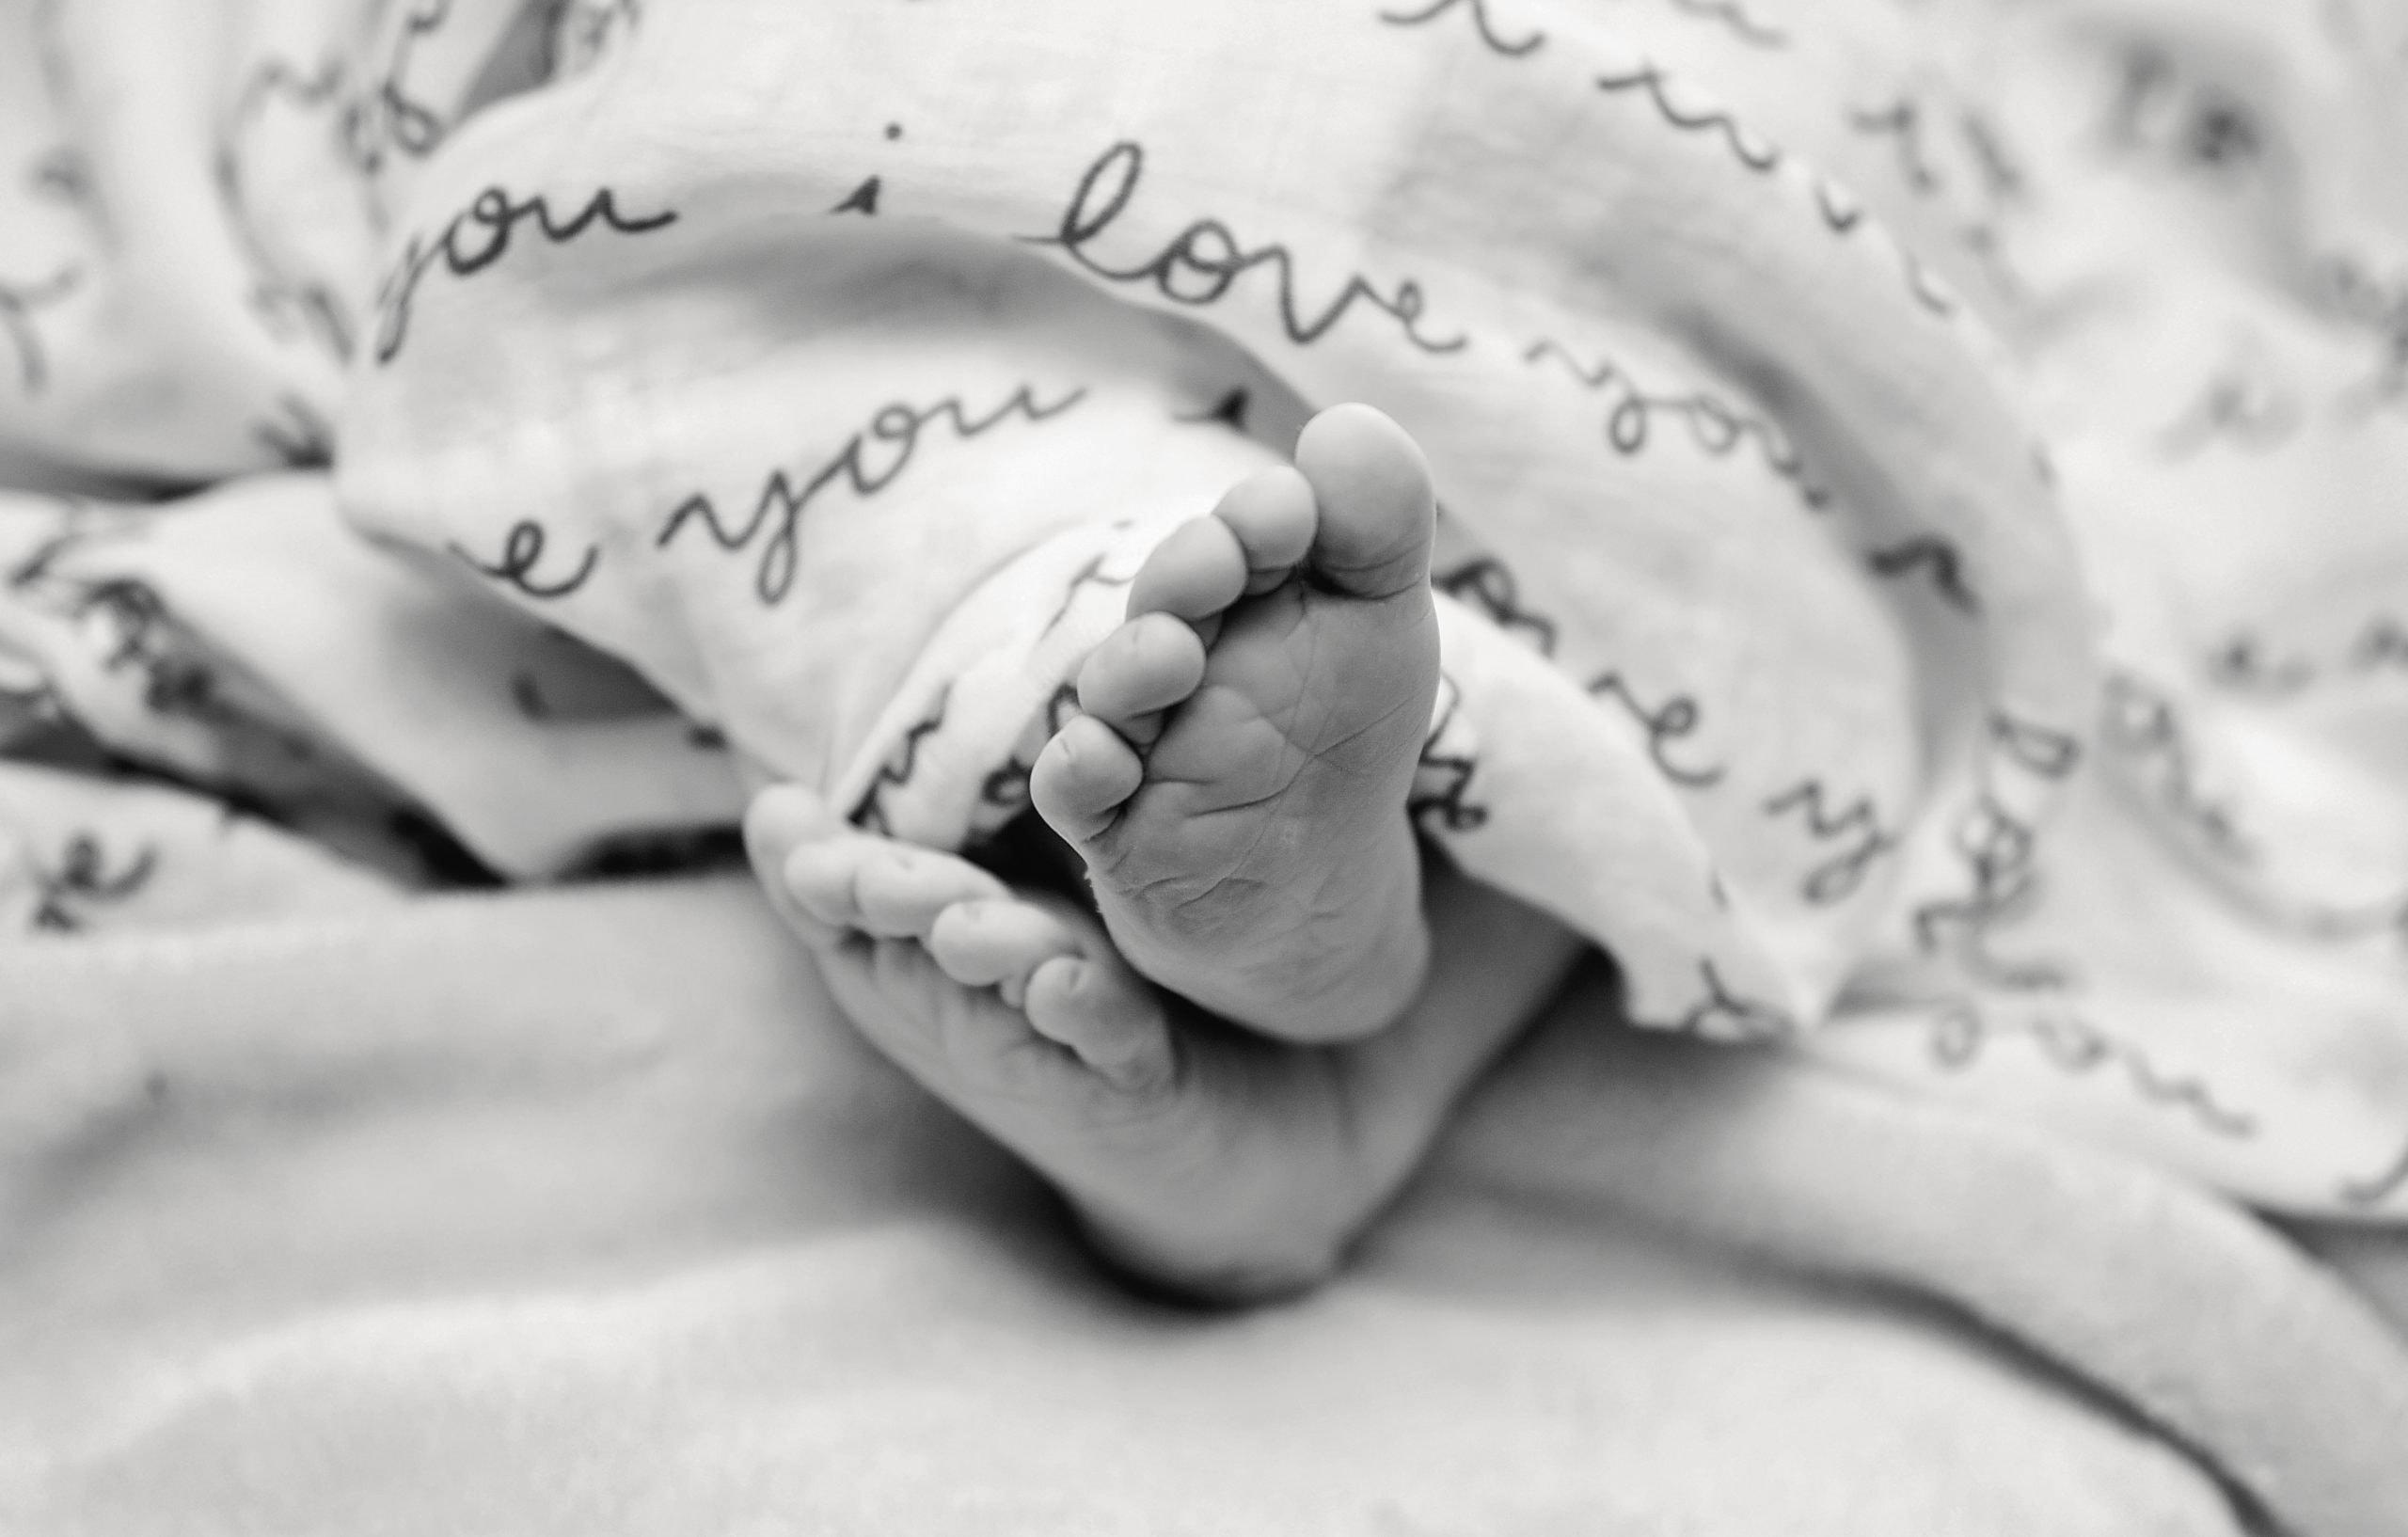 Baby feet under a blanket.